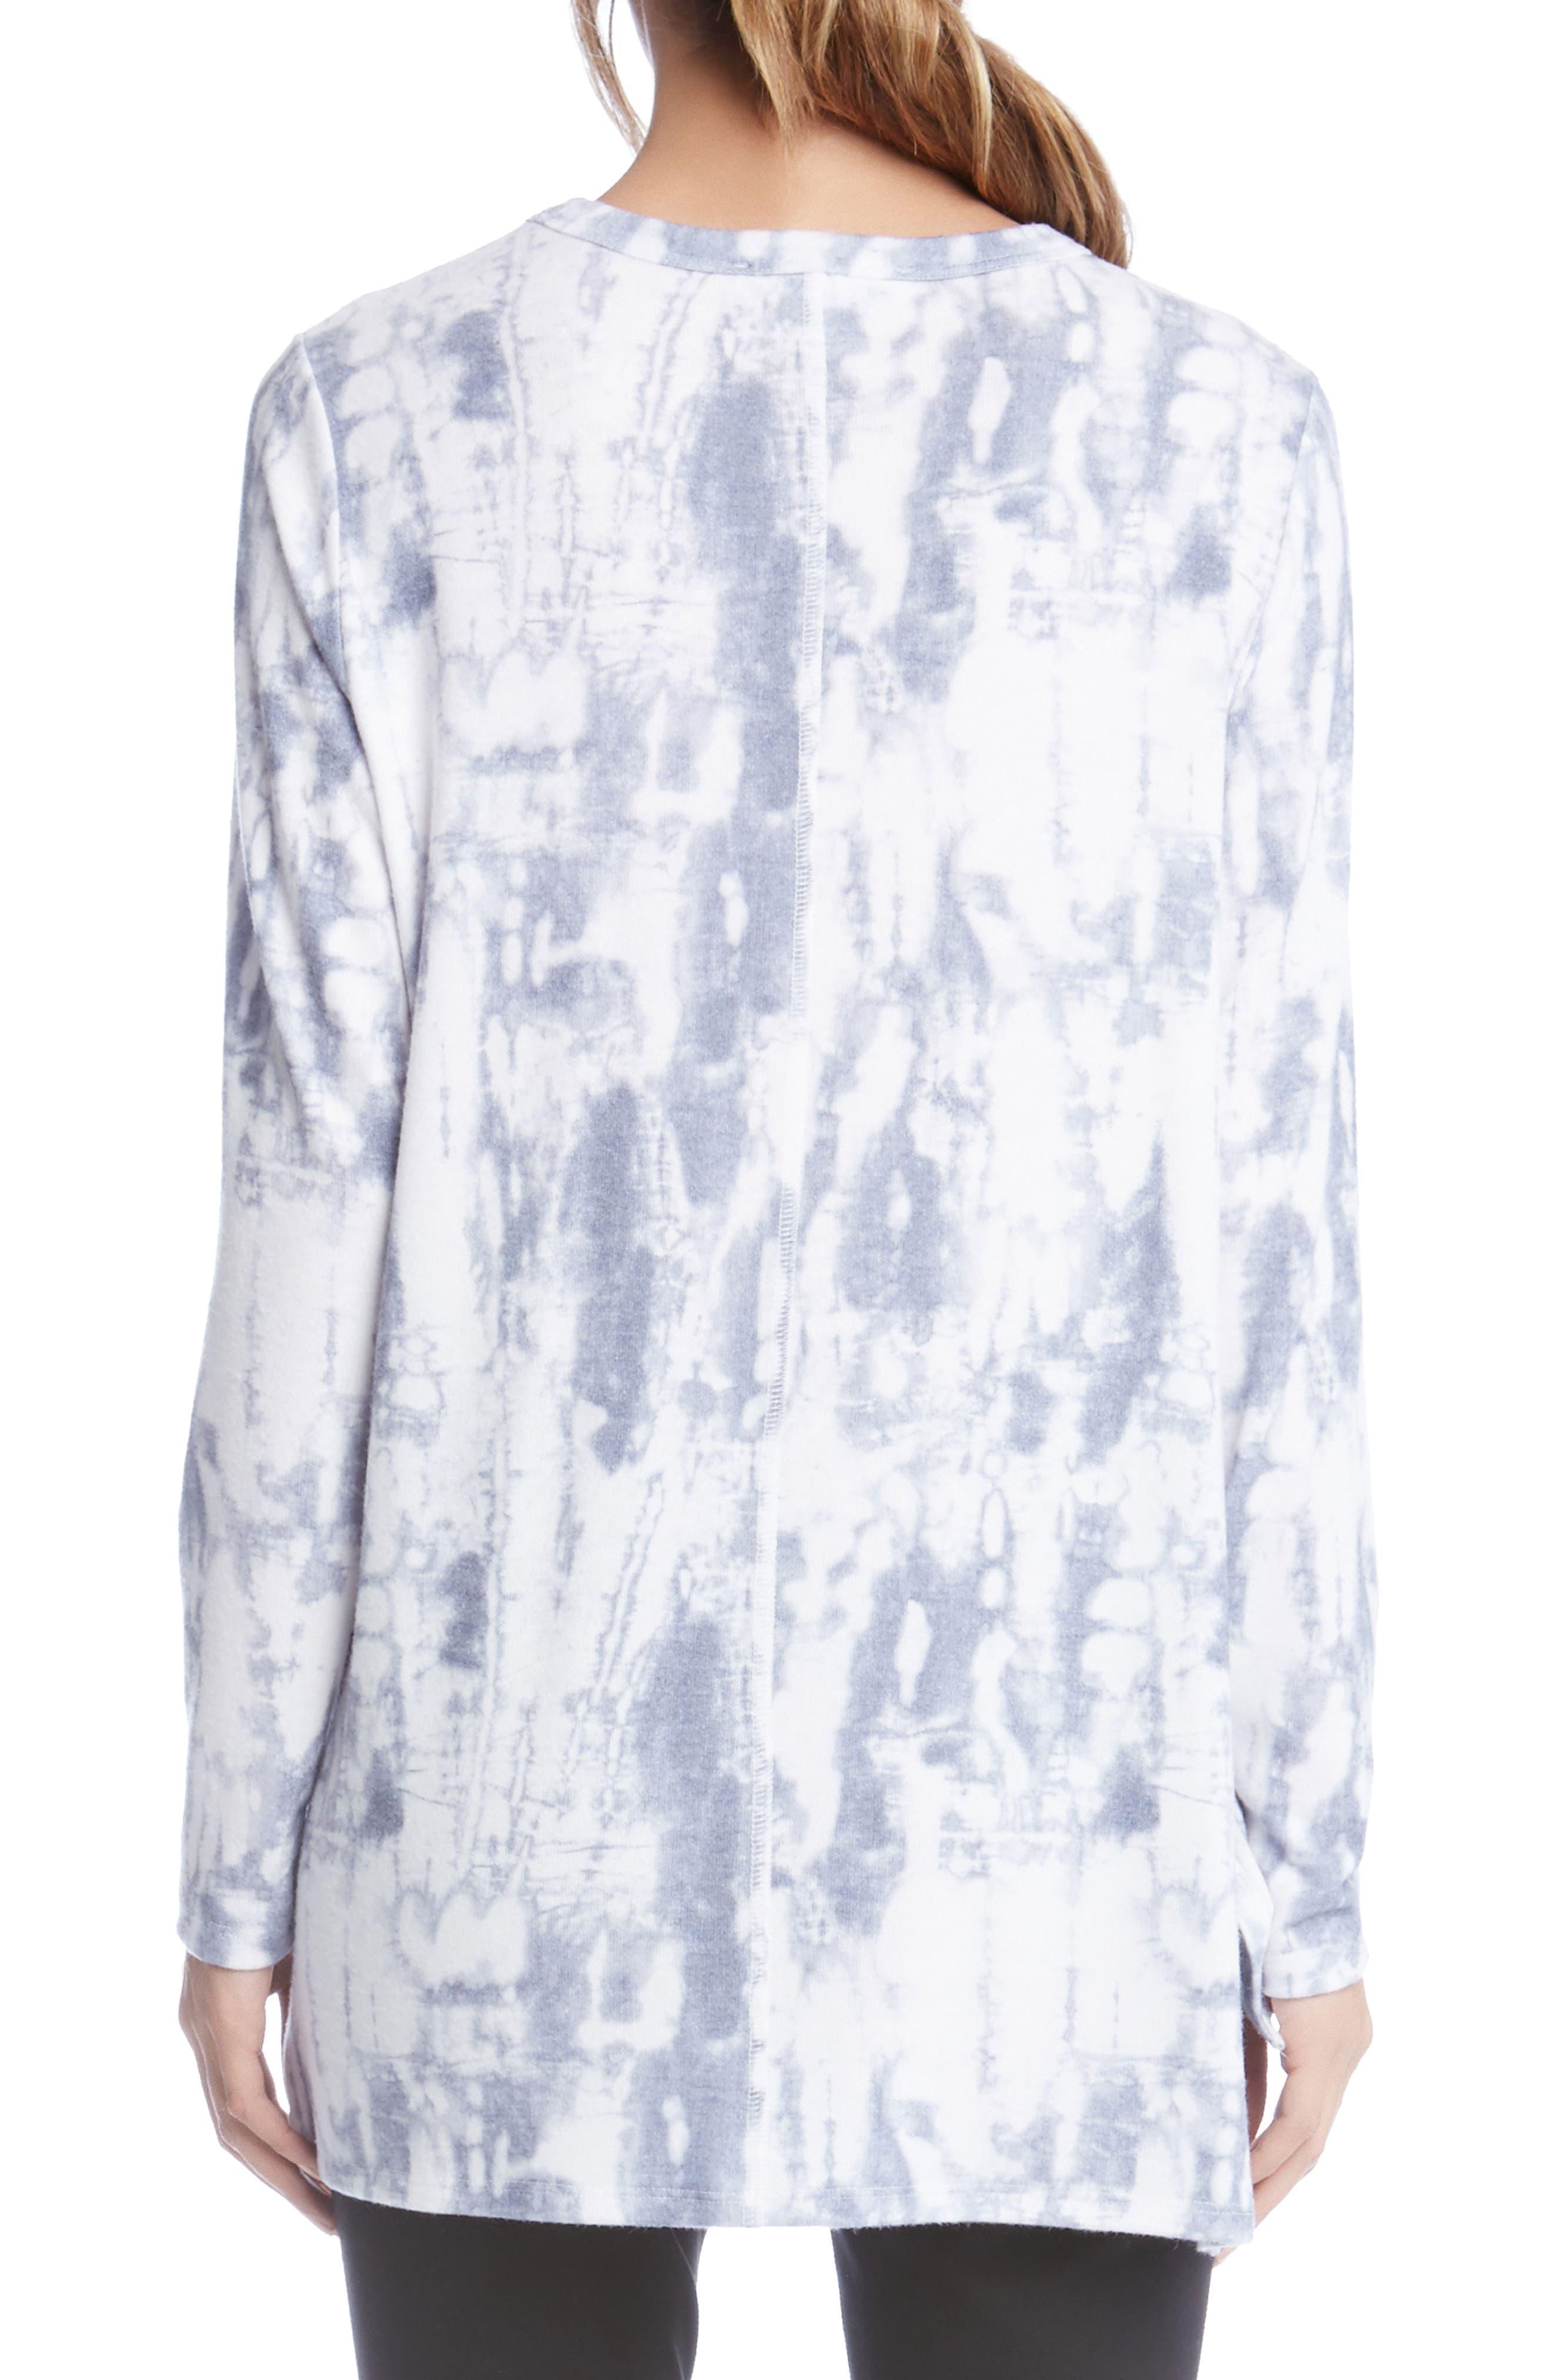 Alternate Image 2  - Karen Kane Tie Dye Top